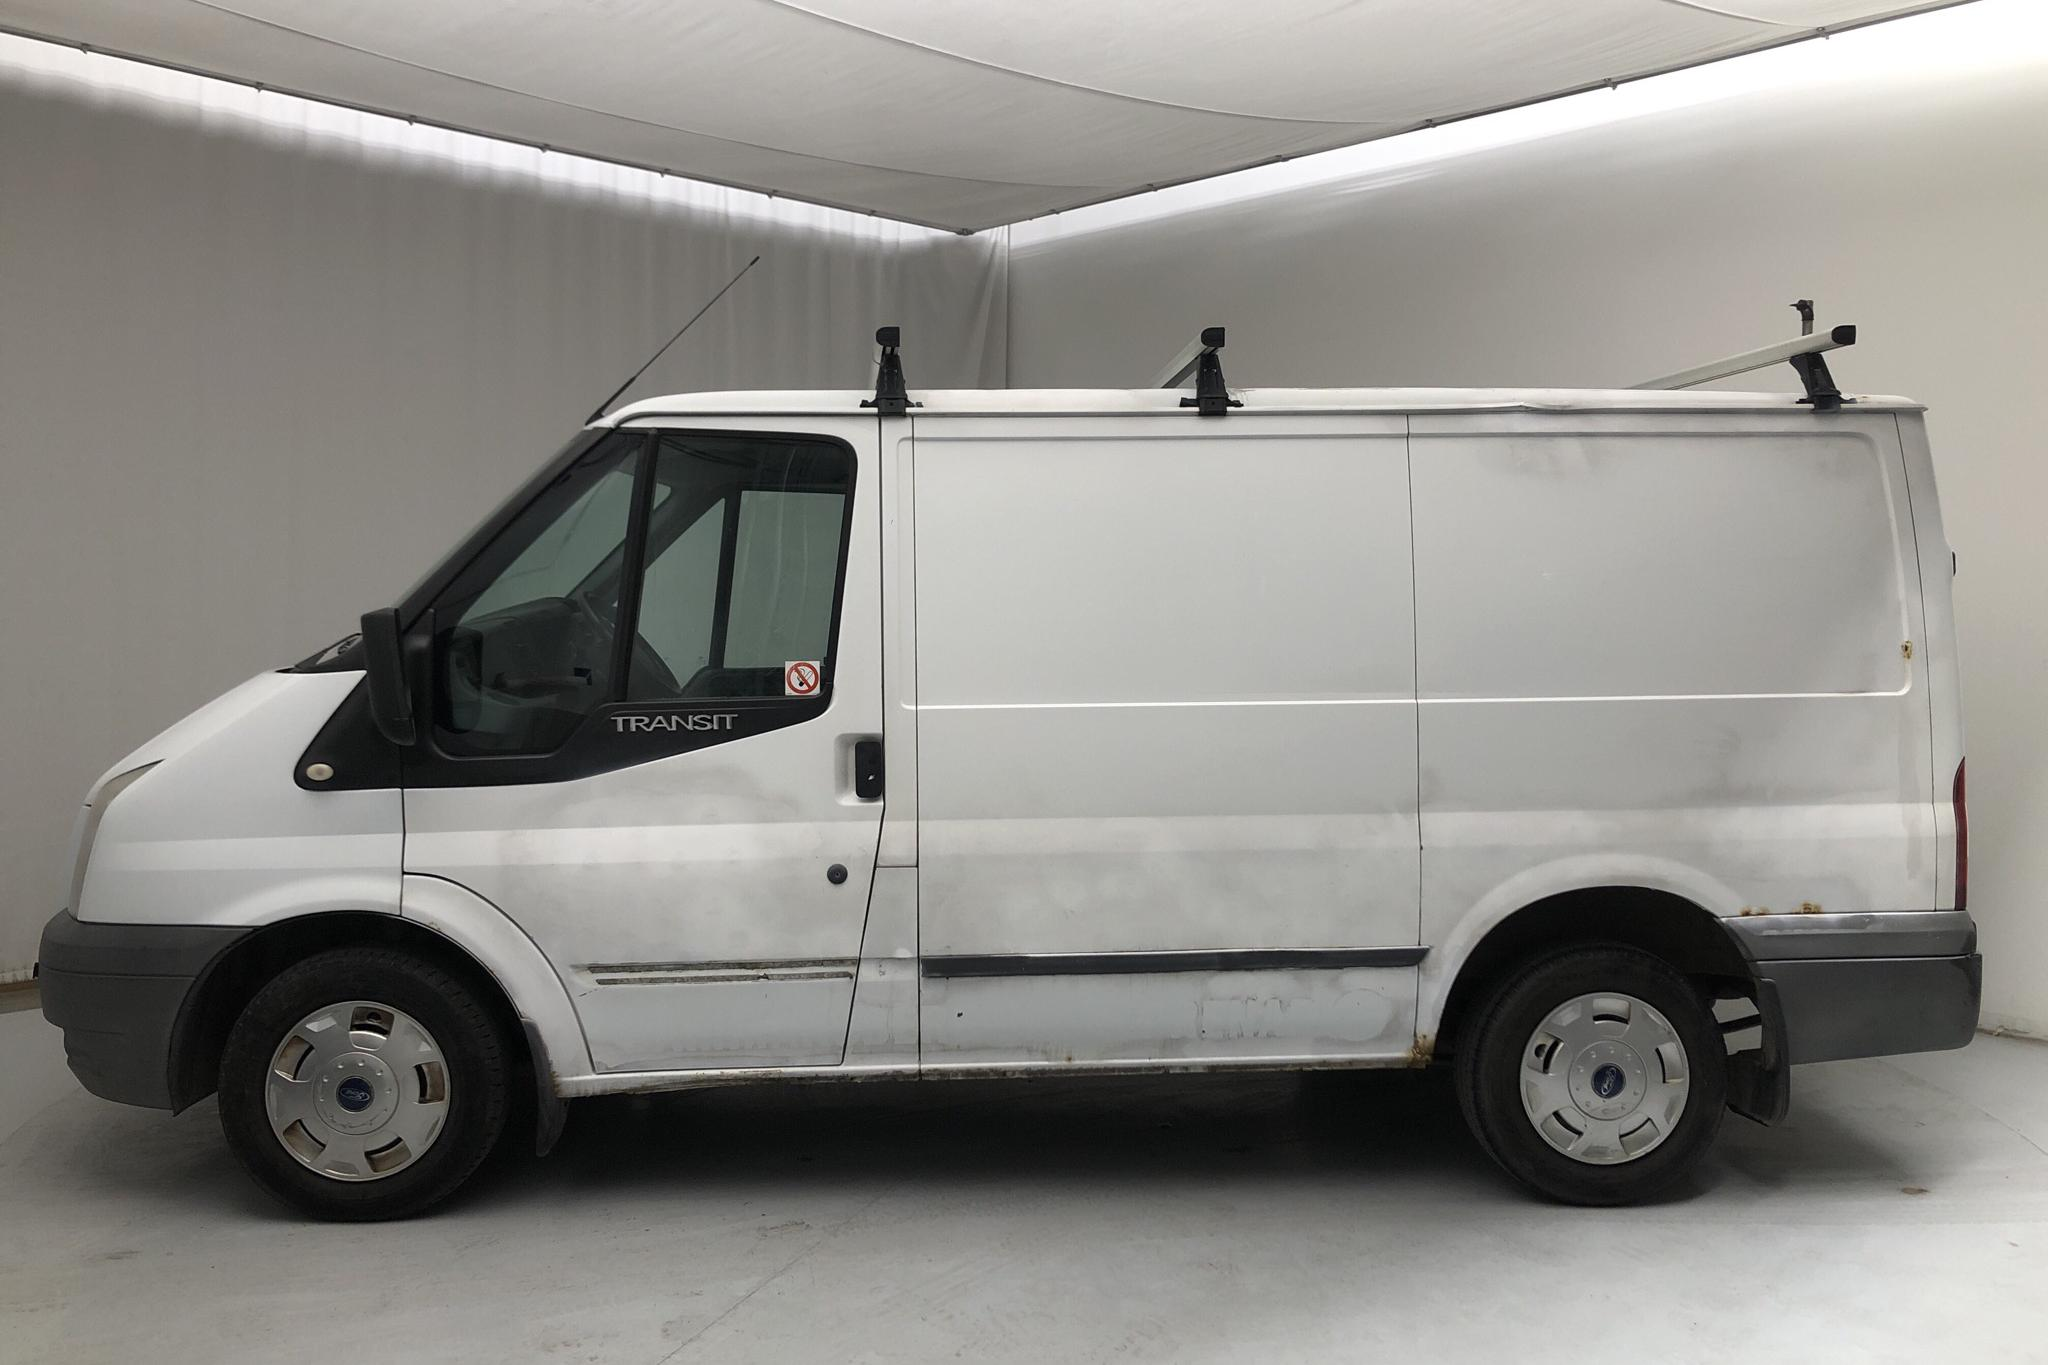 Ford Transit 300 2.2 TDCi Skåp (110hk) - 146 470 km - Manual - white - 2008